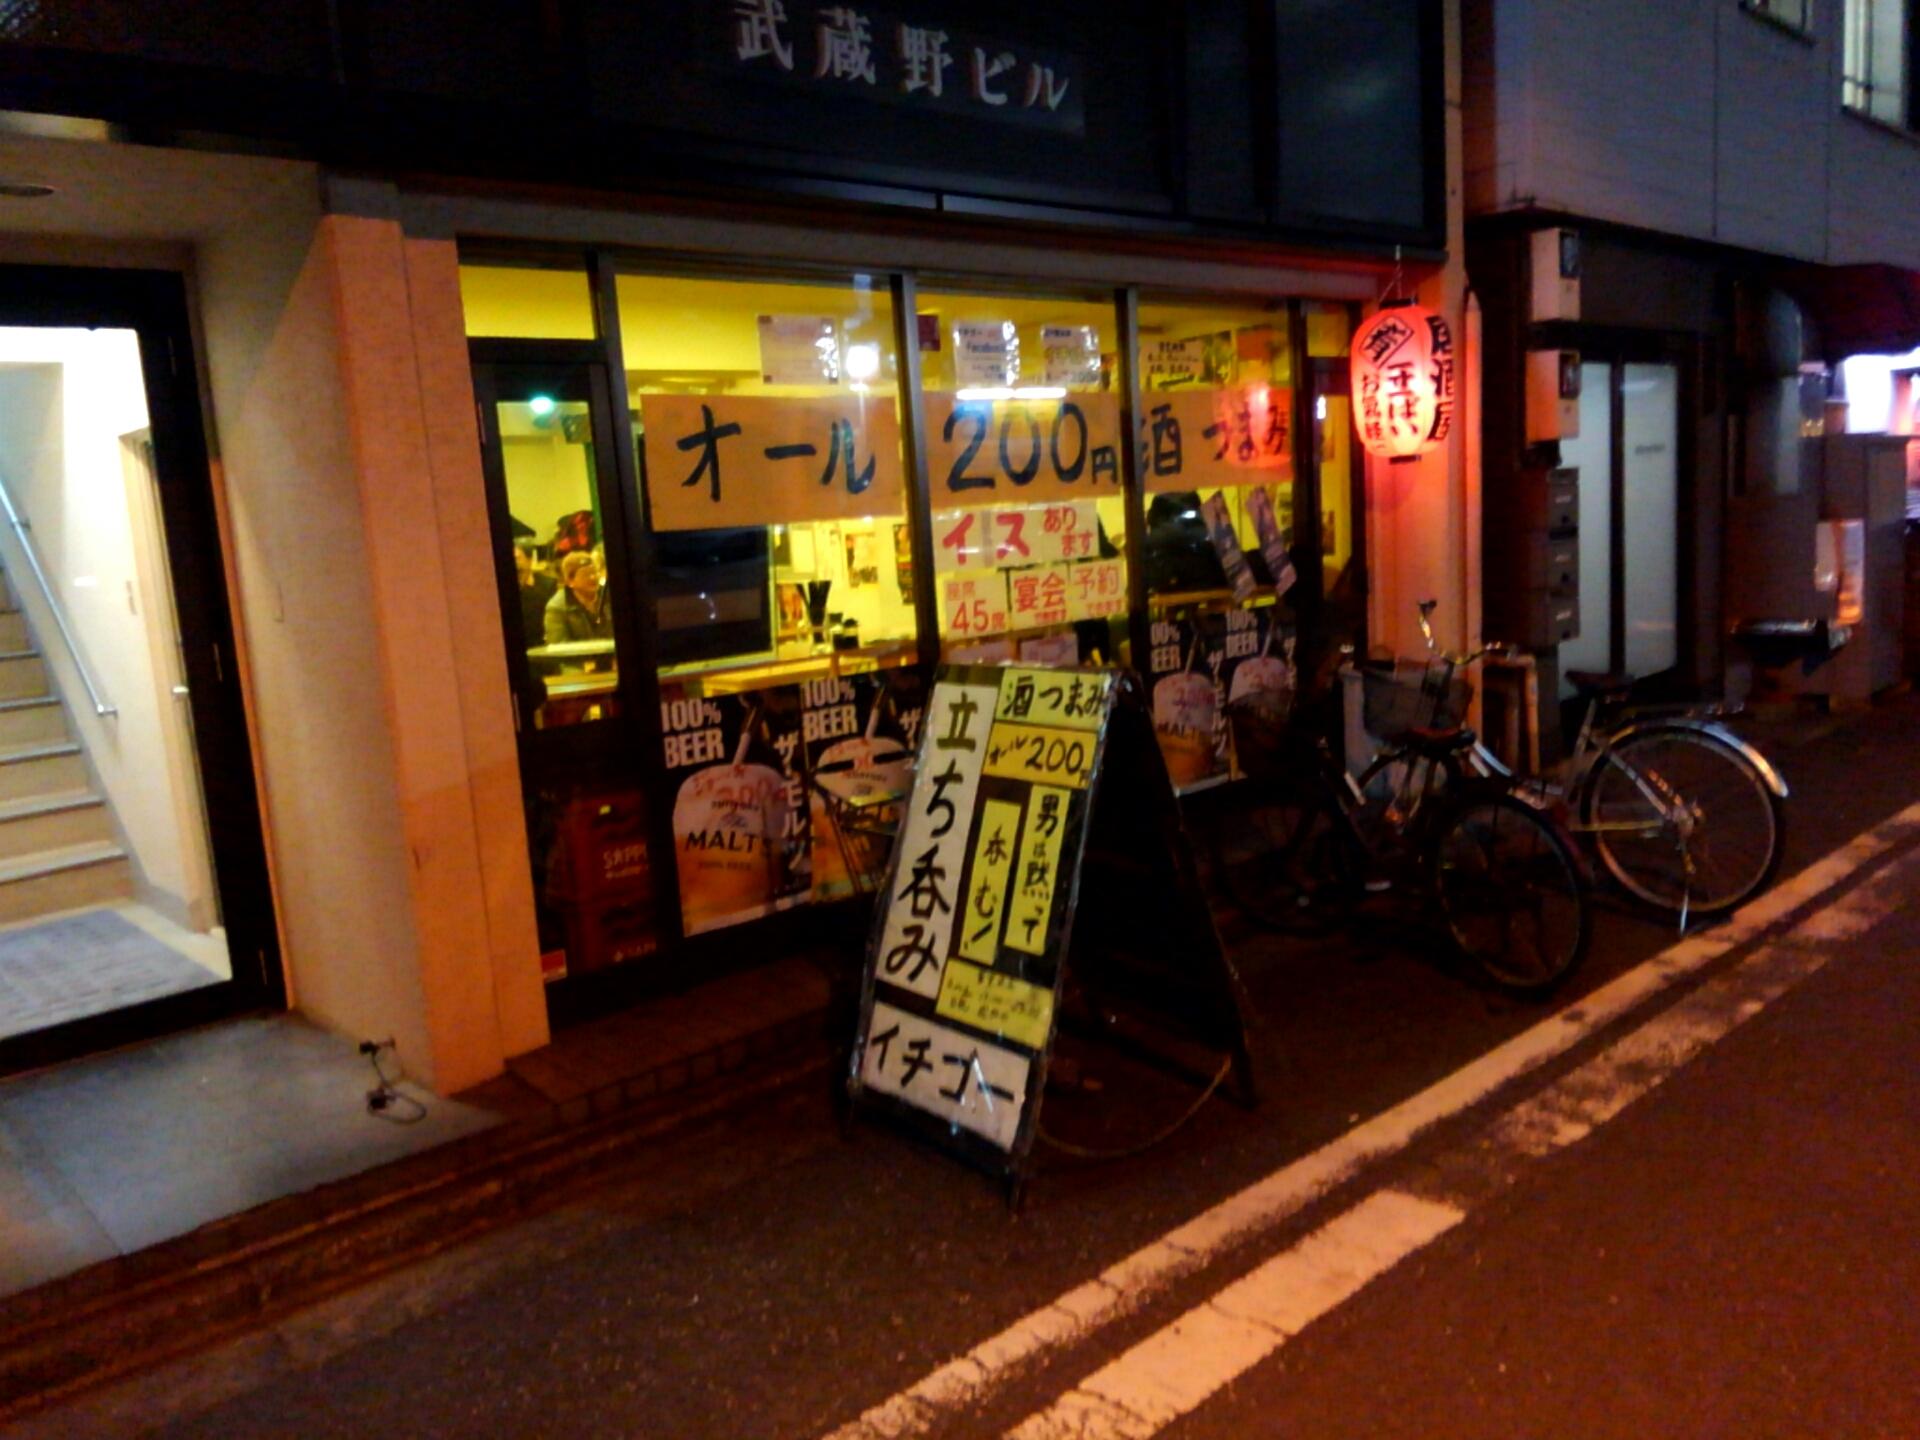 イチゴー(小川町・神田) 全てが200円?。これぞせんべろ!